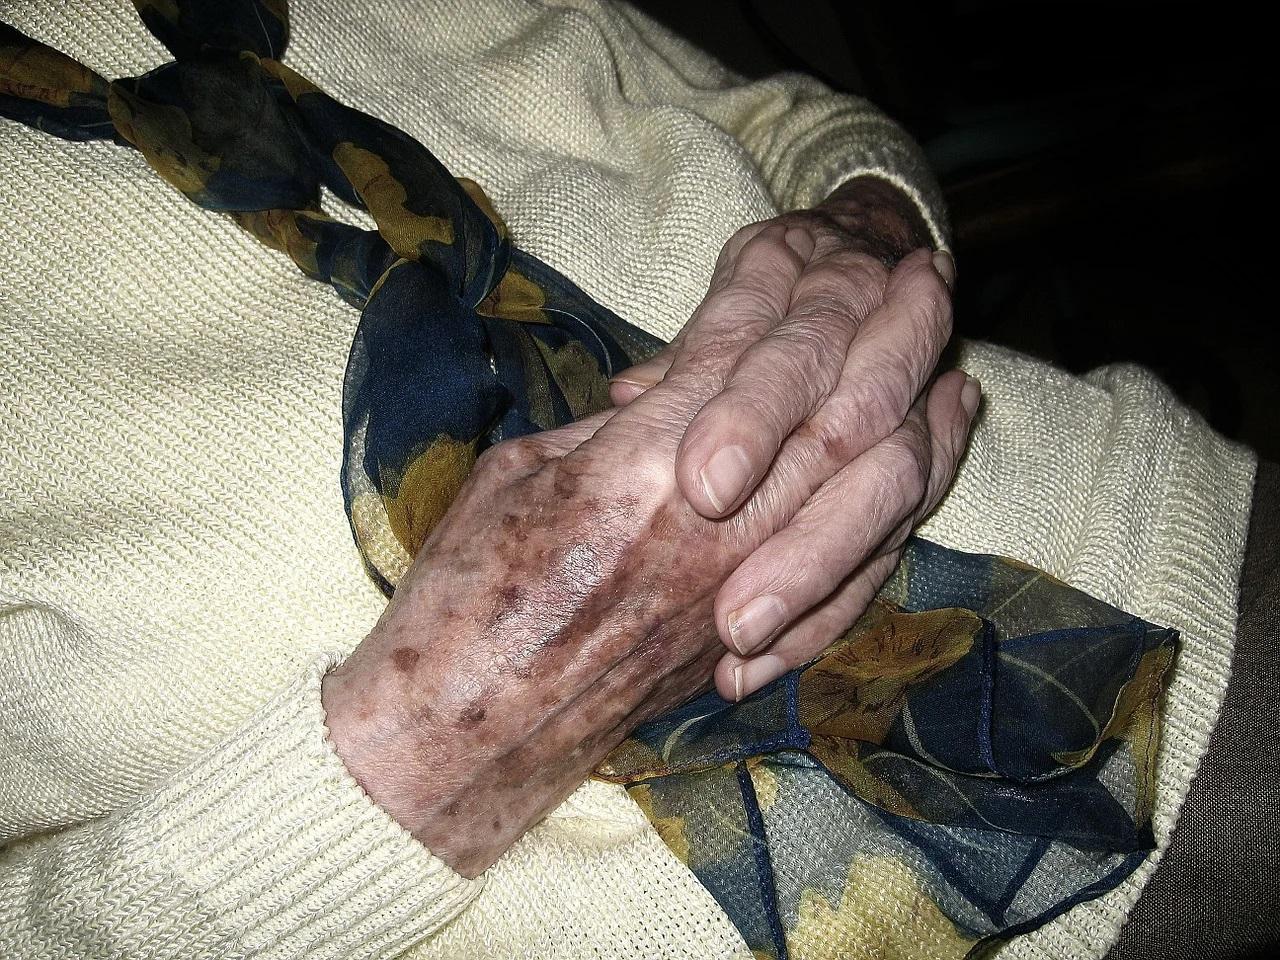 Les aides sociales pour l'hébergement des personnes âgées